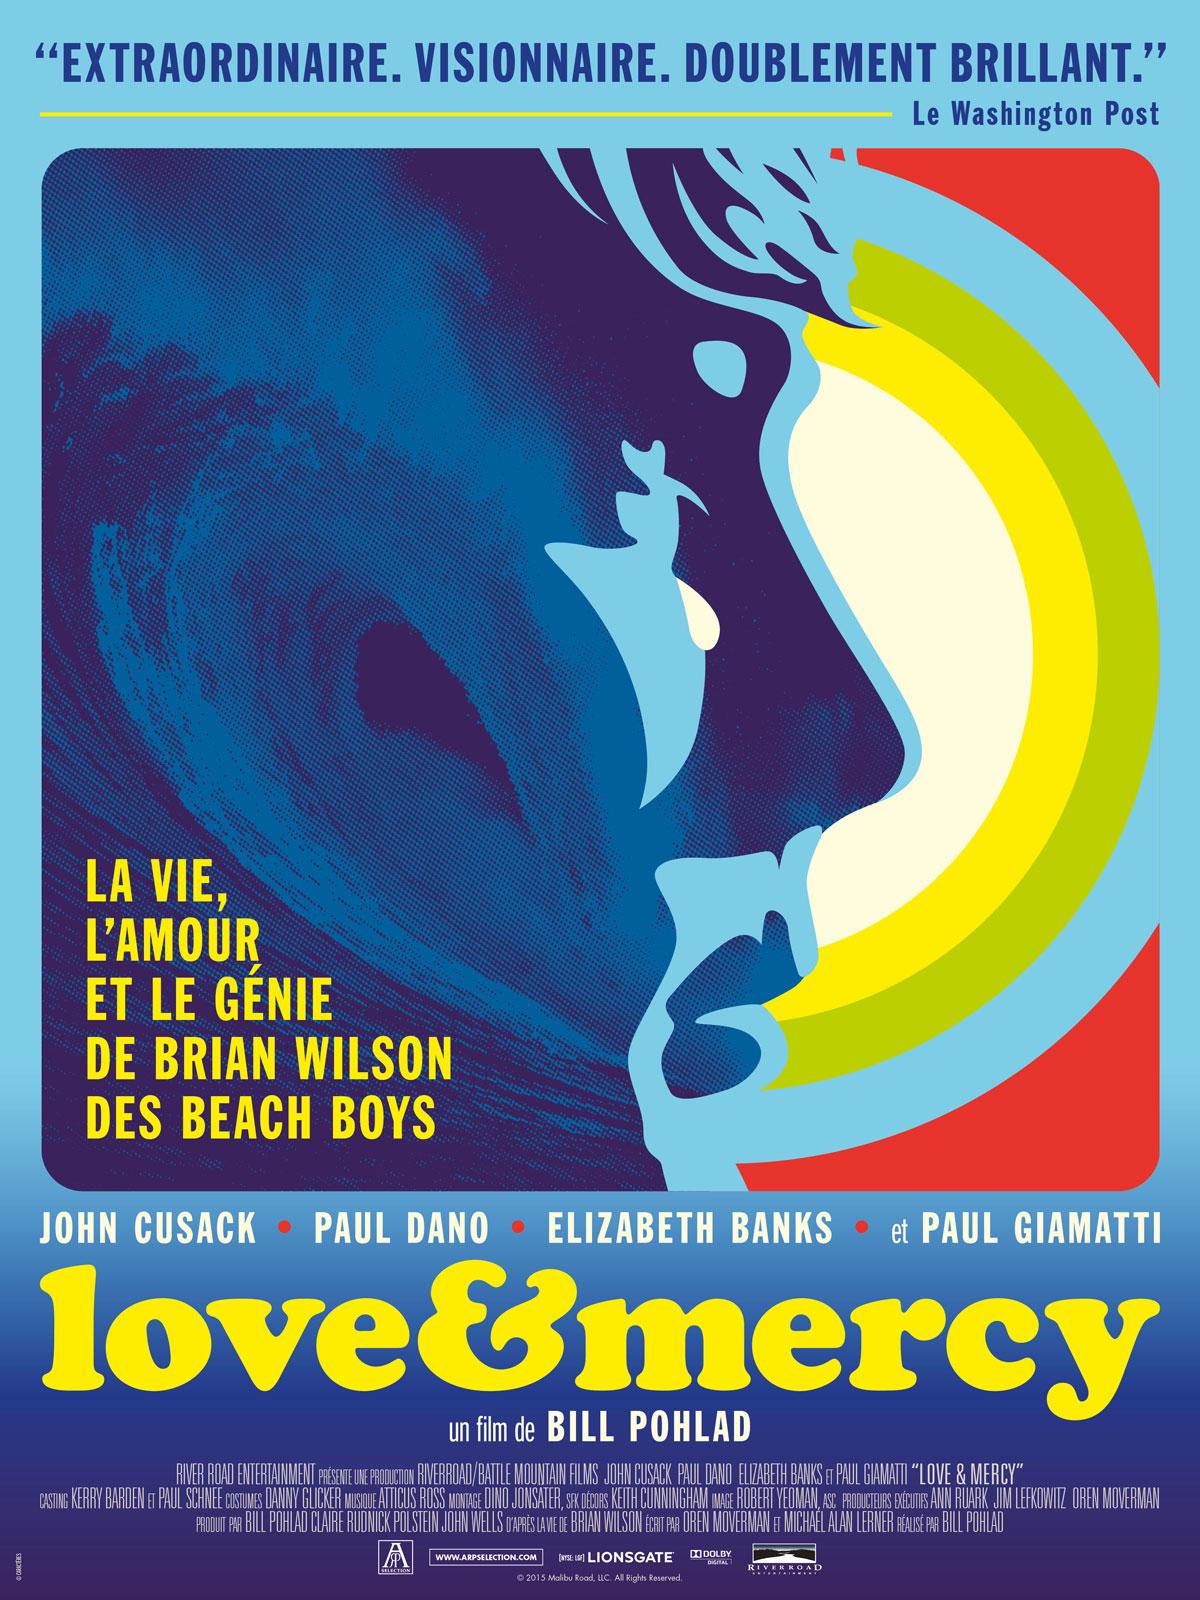 Love & Mercy | Pohlad, Bill (Réalisateur)